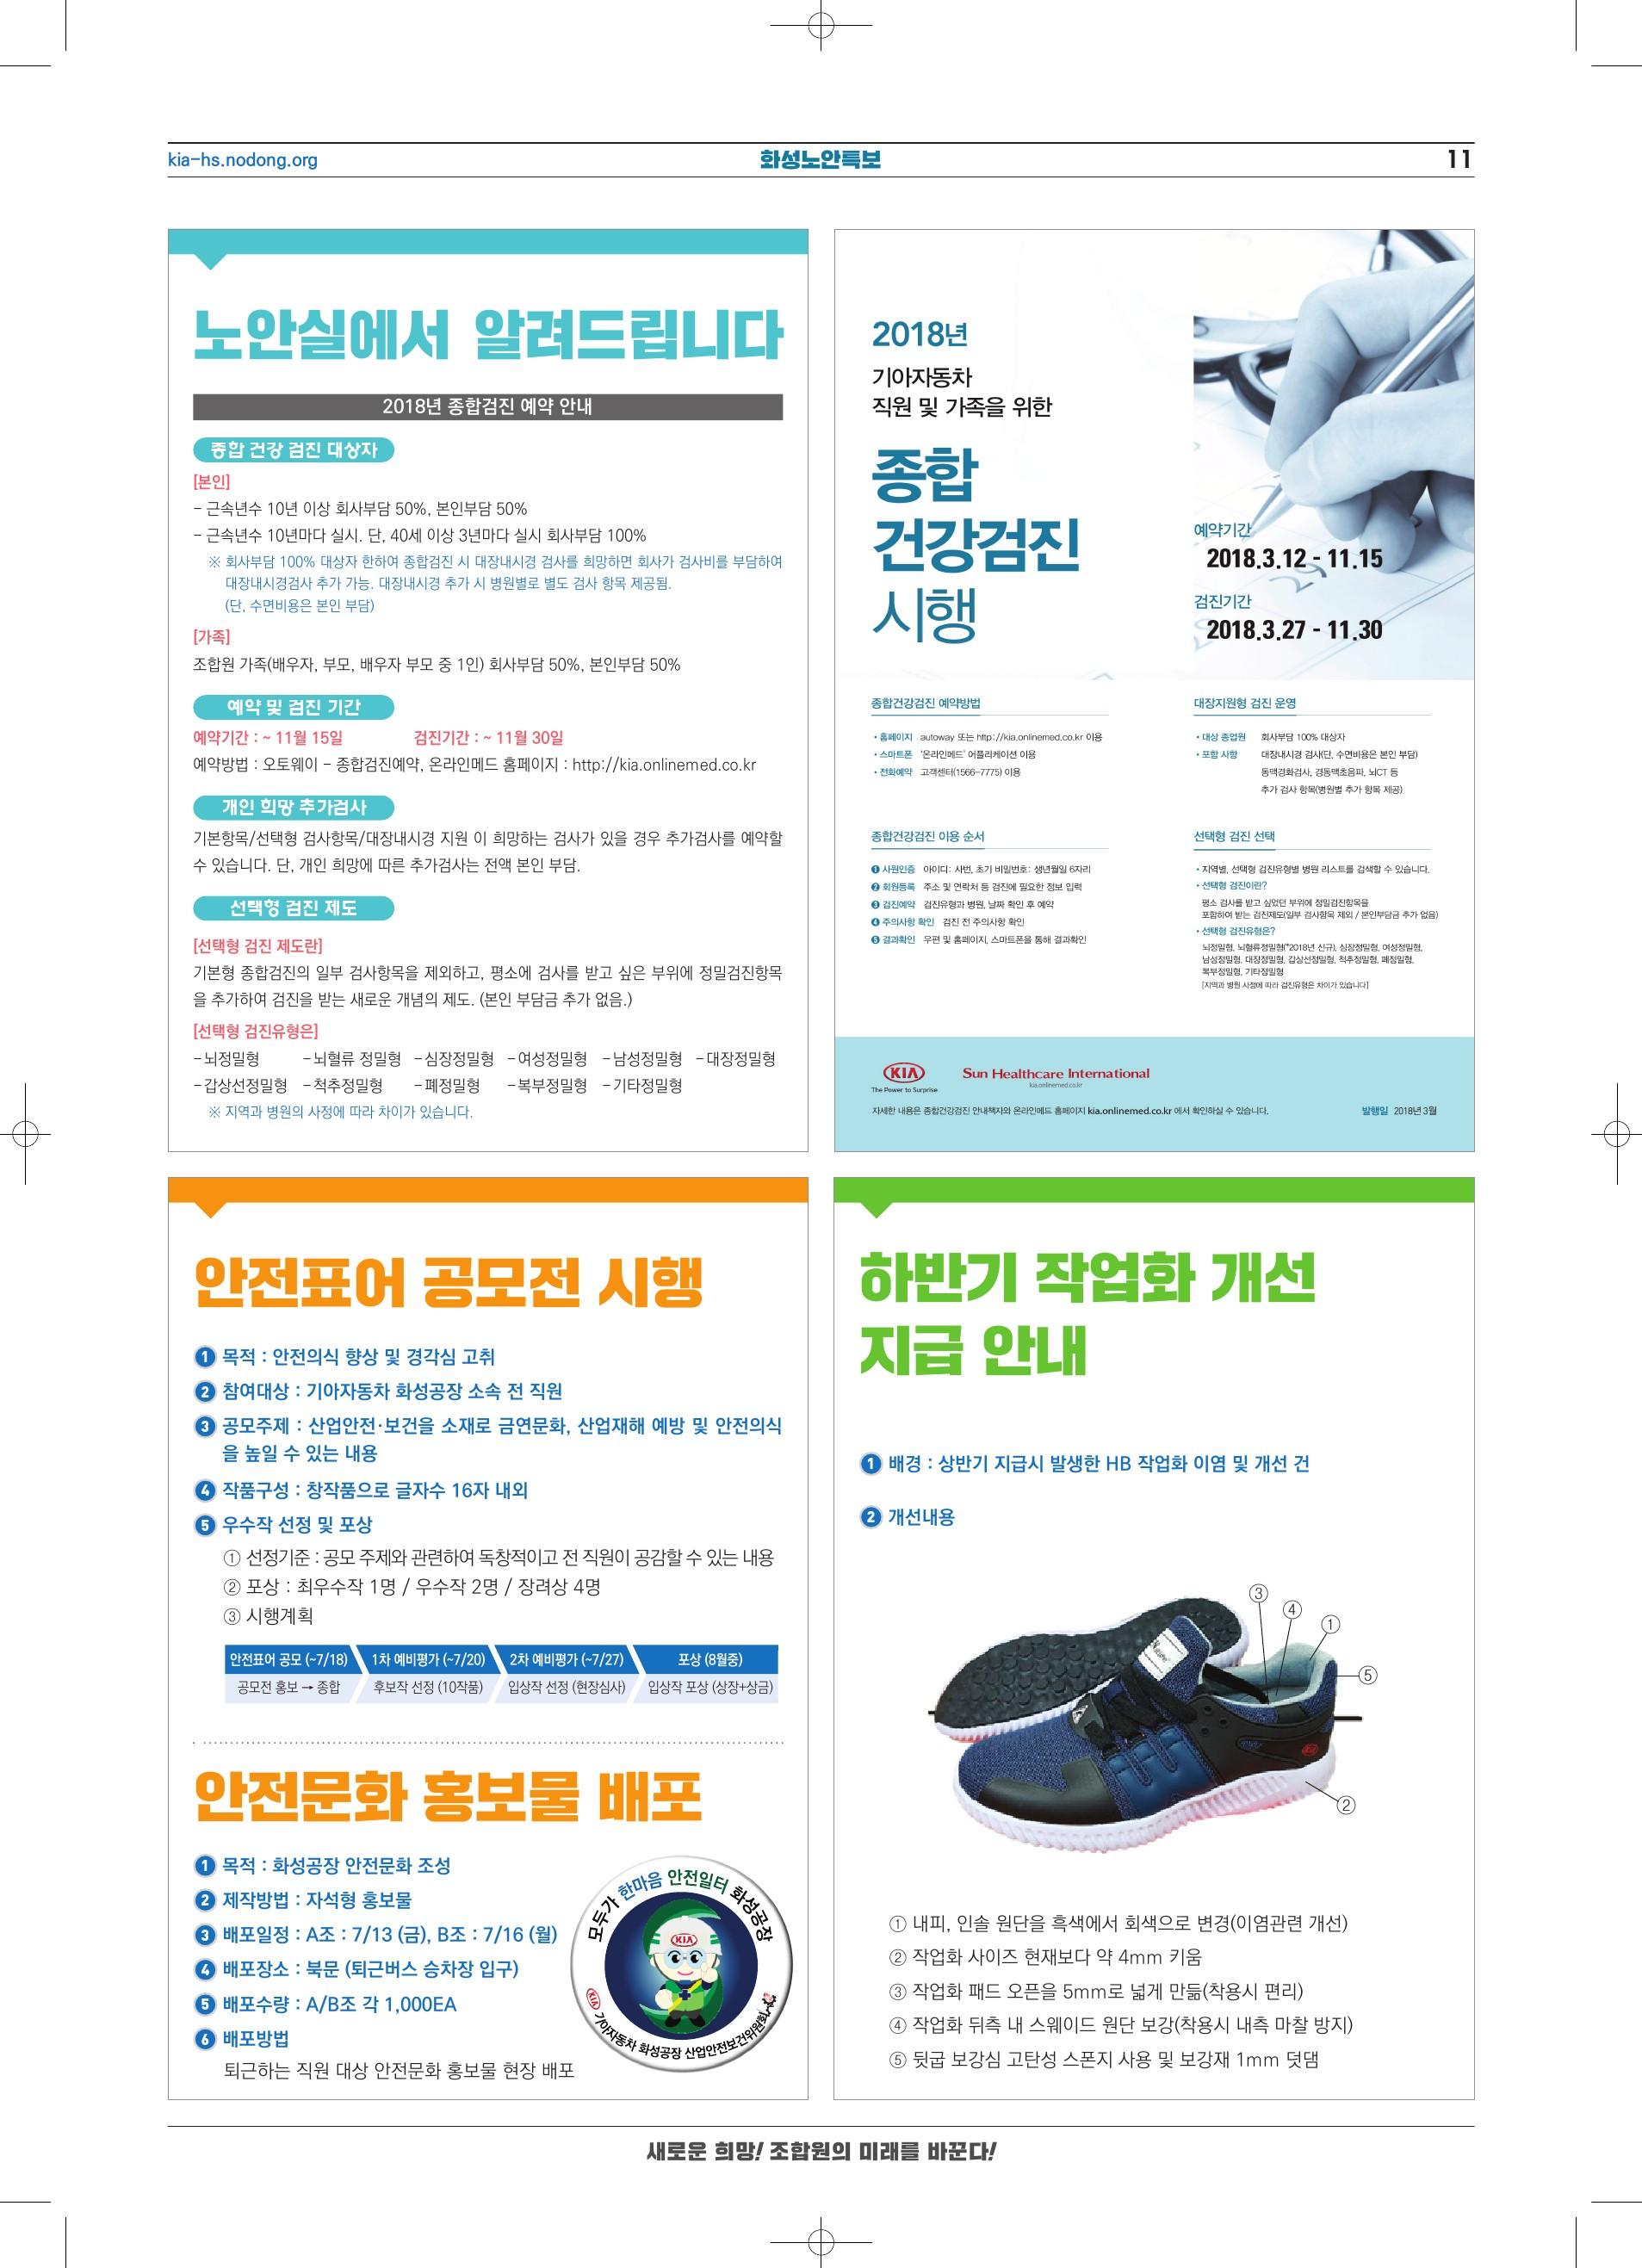 화성노안특보-최종 인쇄-11.jpg